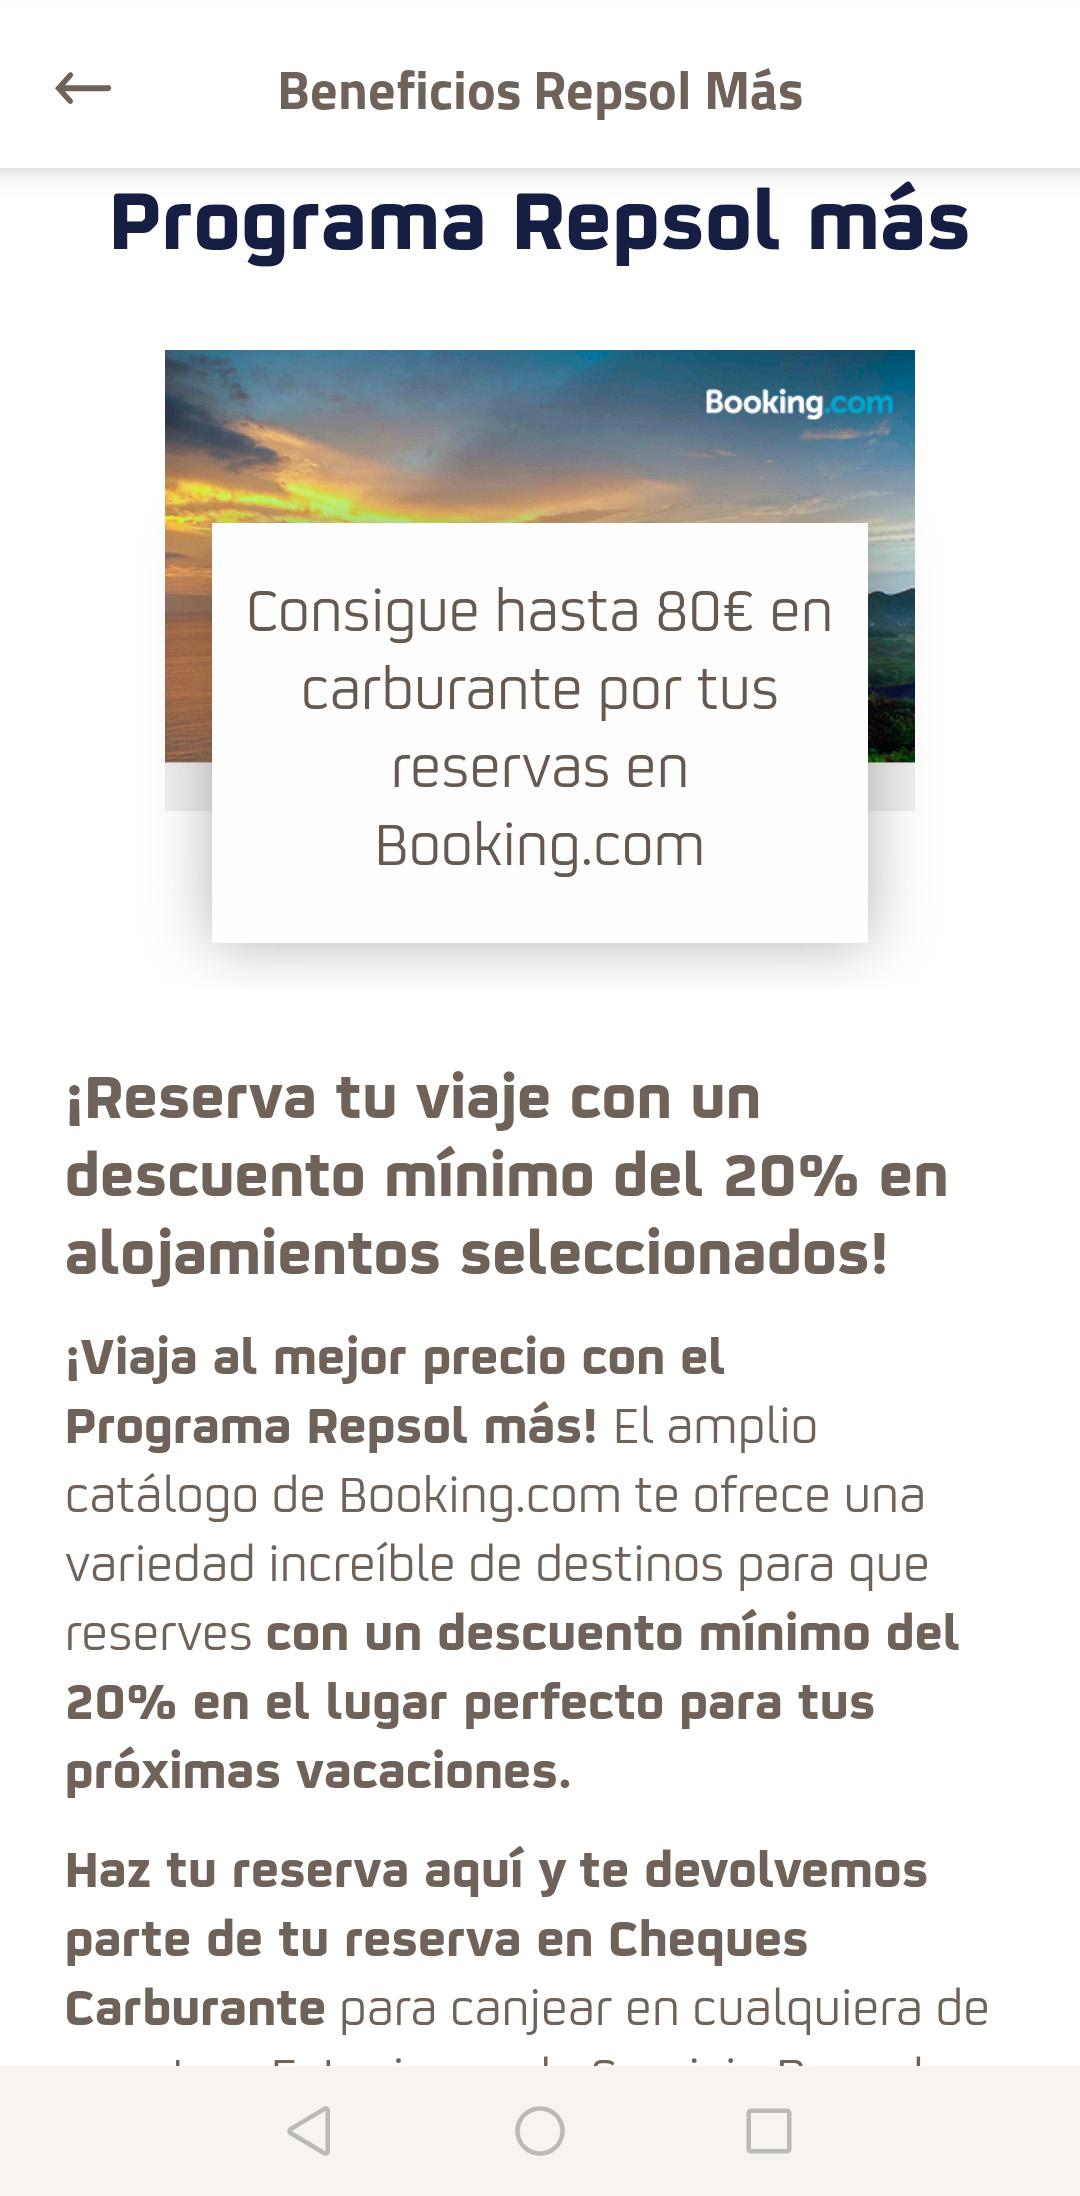 Hasta 80€ de carburante por reservar en Booking.com